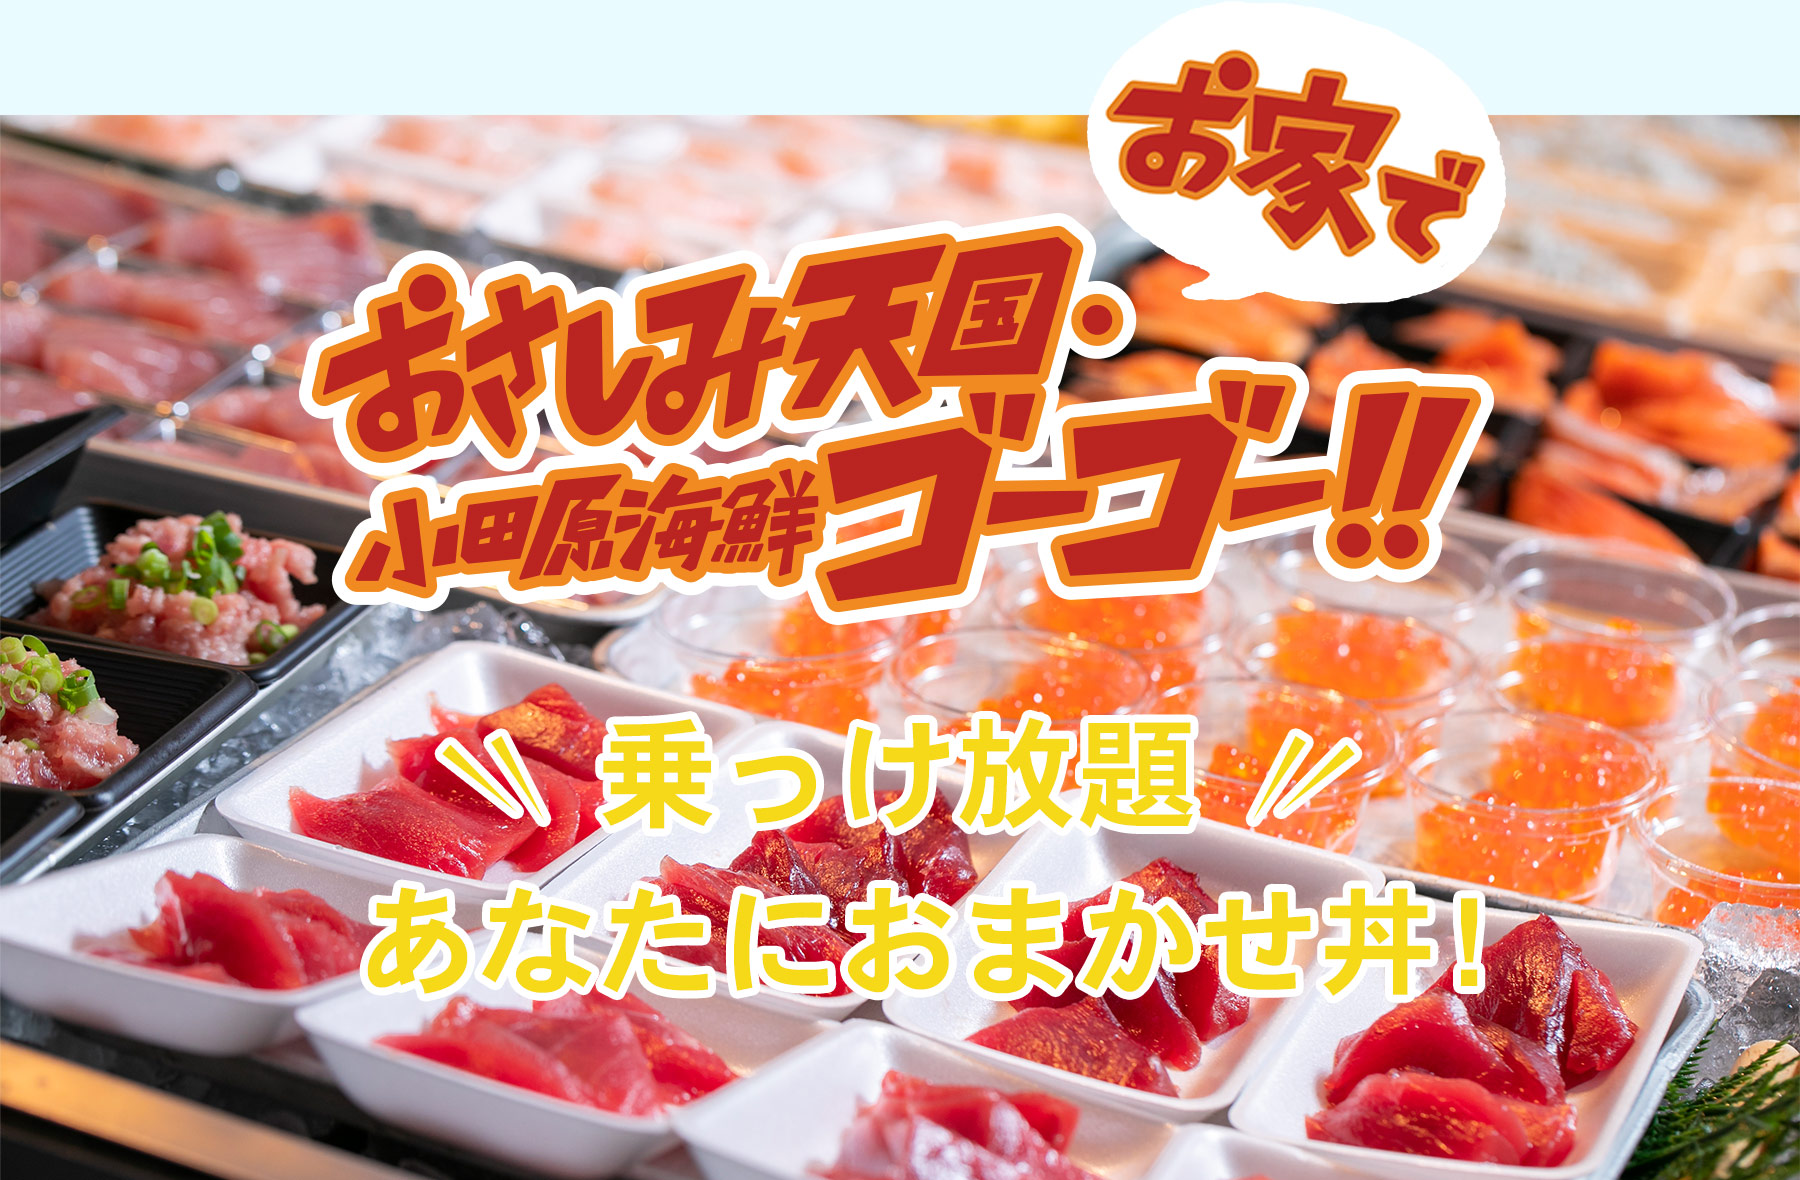 漁港 の 駅 totoco 小田原